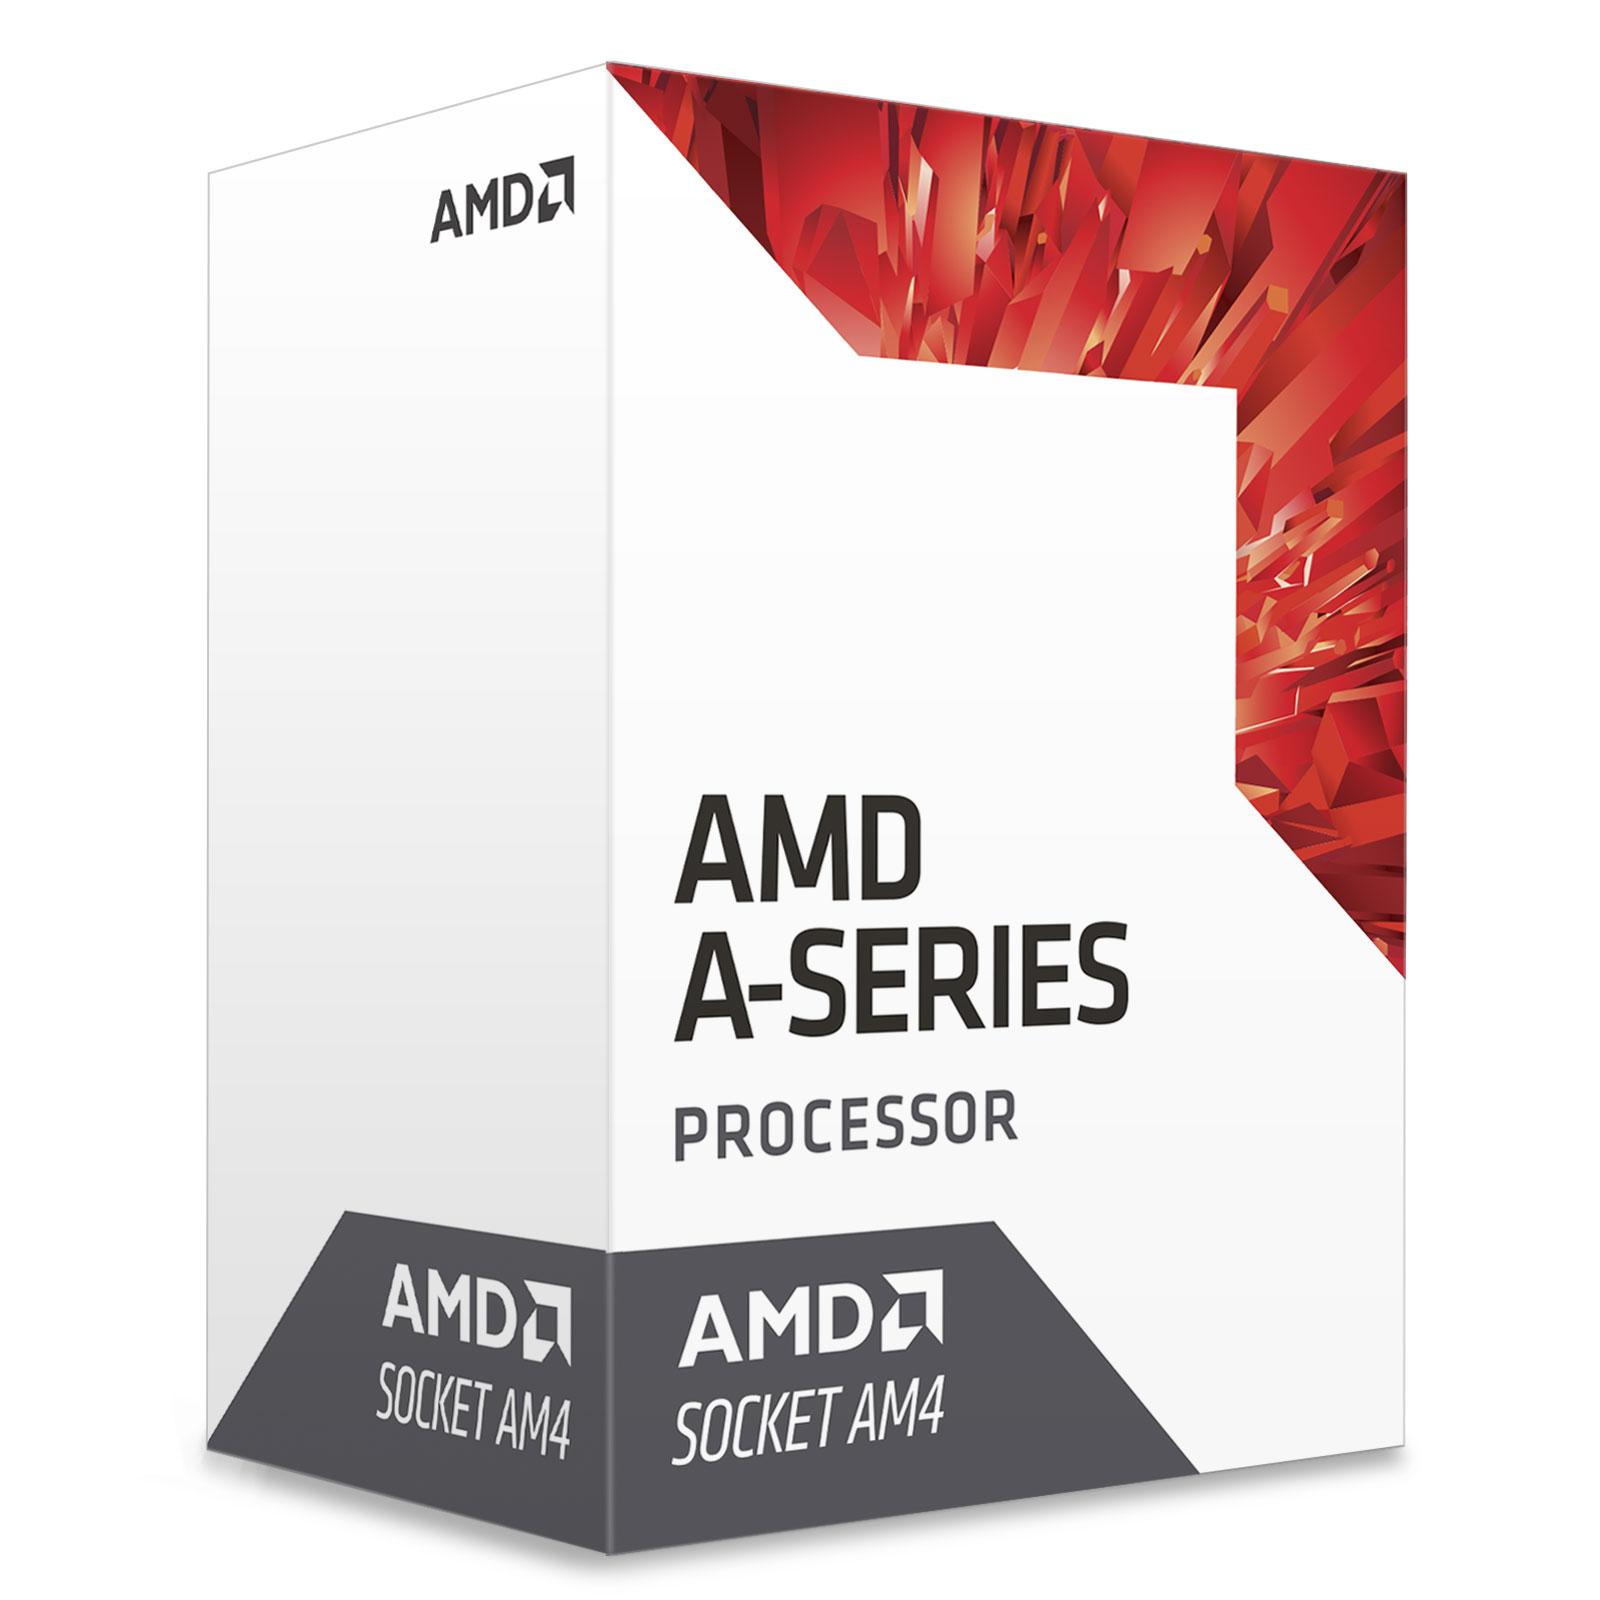 Processeur AMD A10-9700E (3 GHz) Processeur Quad Core socket AM4 Cache L2 2 Mo Radeon R7 series 0.028 micron TDP 35W (version boîte - garantie constructeur 3 ans)